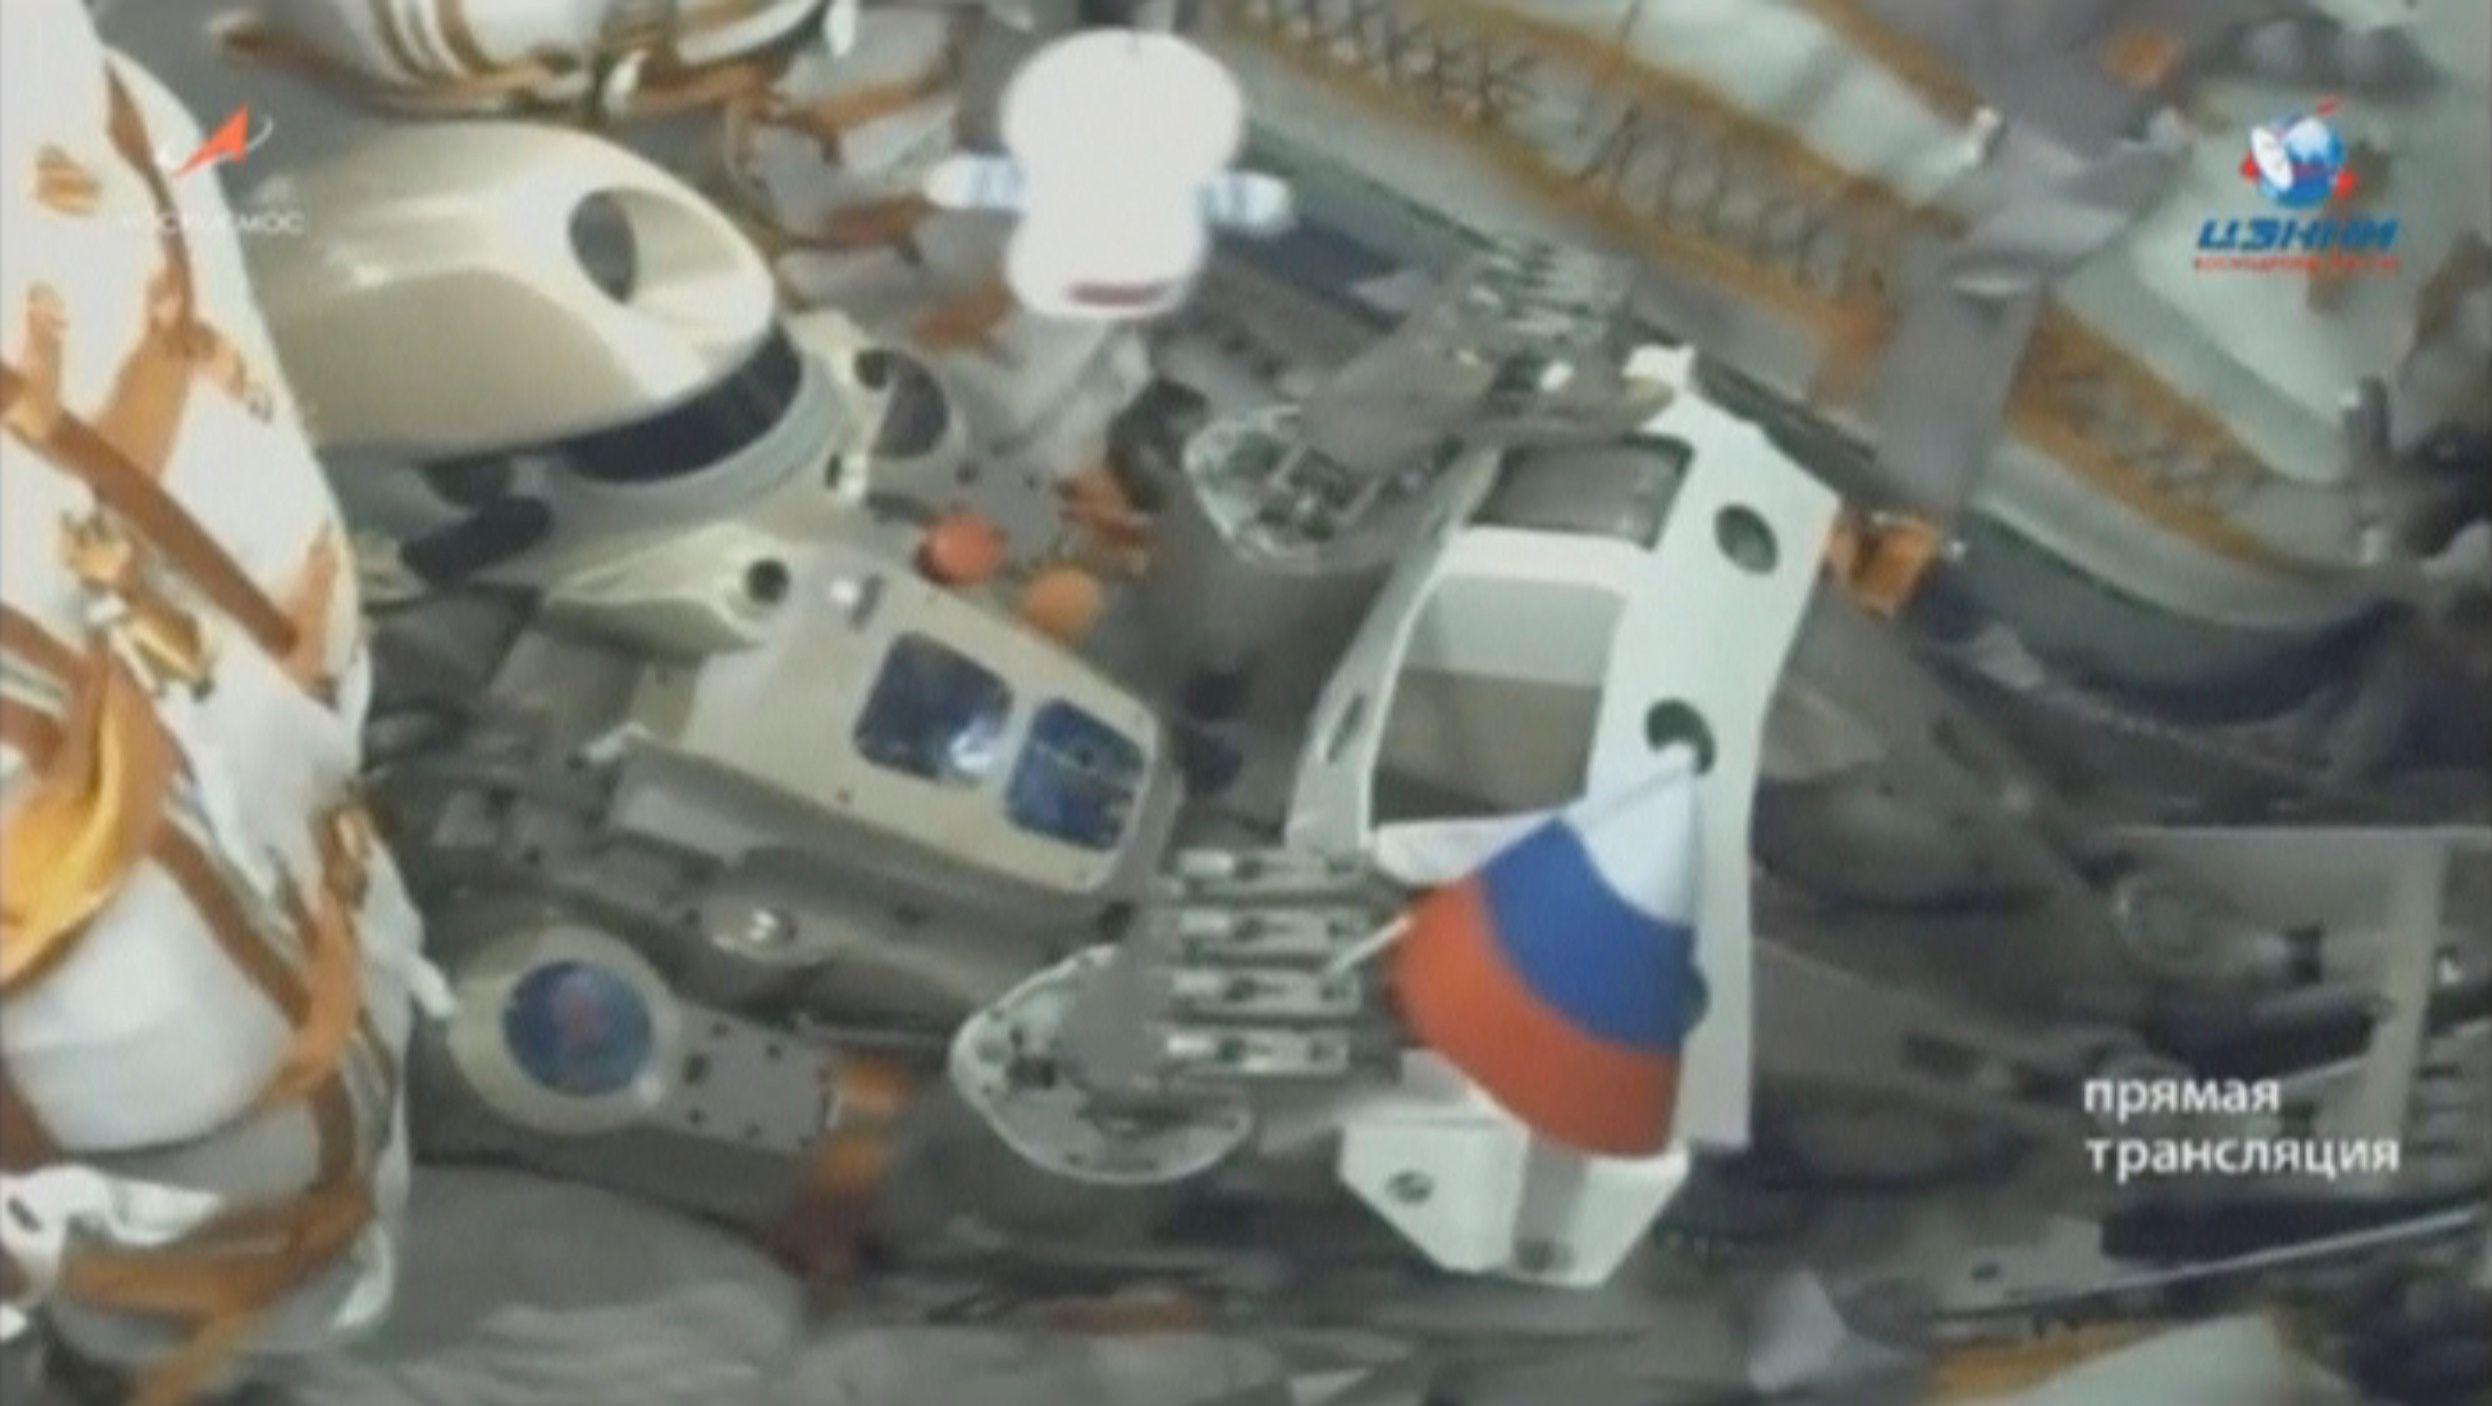 Una imagen de la agencia espacial rusa Roscosmos, muestra el robot Skybot F-850, también conocido como FEDOR, en el interior de la nave Soyuz MS-14 (Roscosmos via REUTERS)